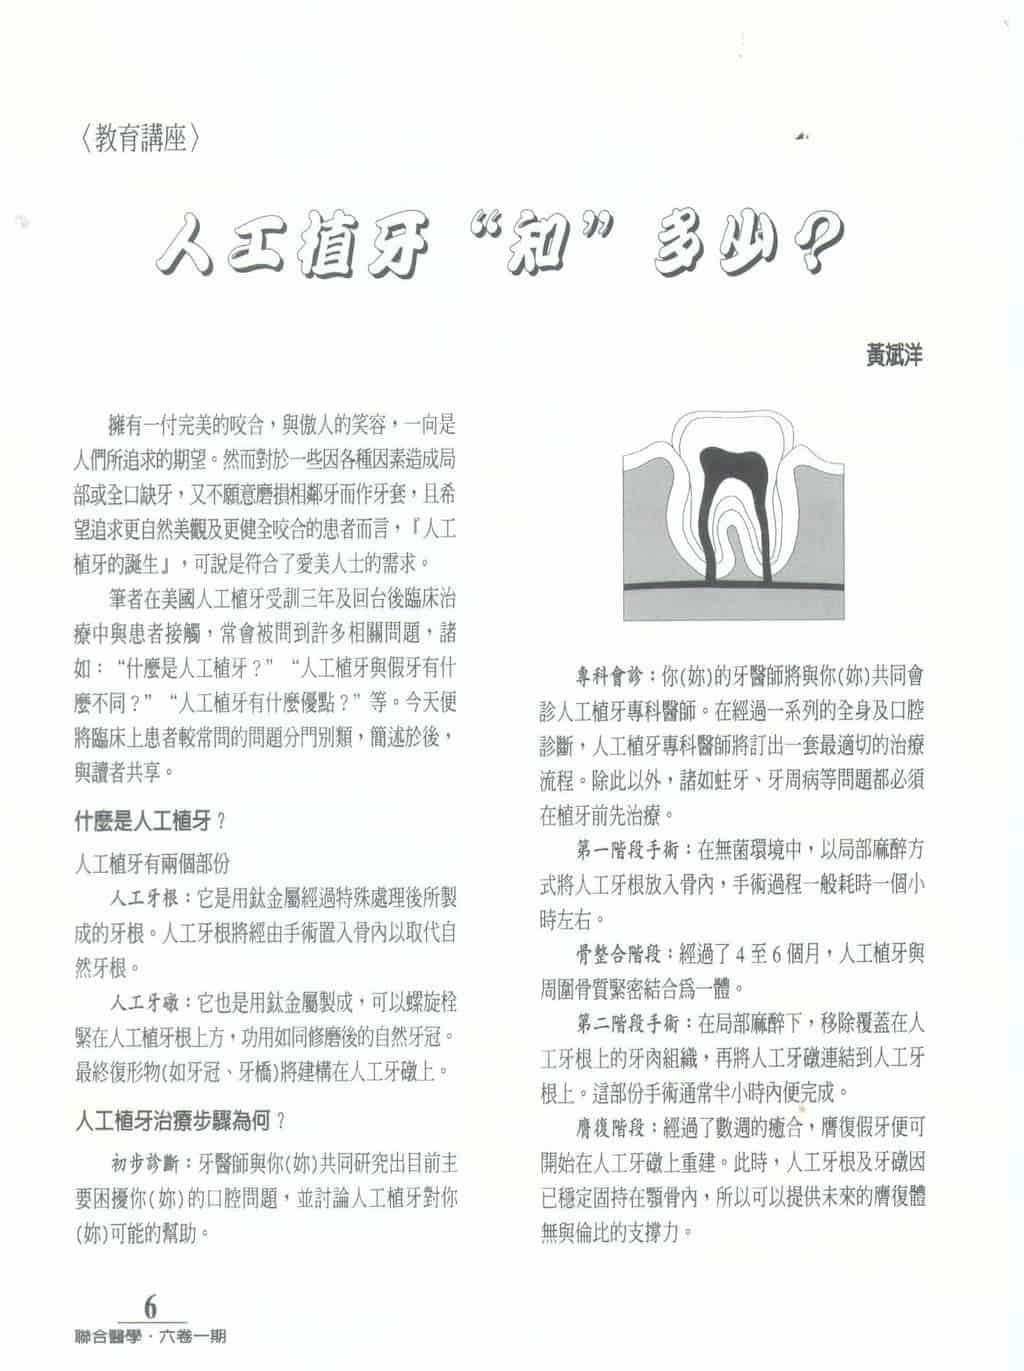 聯合醫學通訊-人工植牙知多少-柏登牙醫人工植牙-2